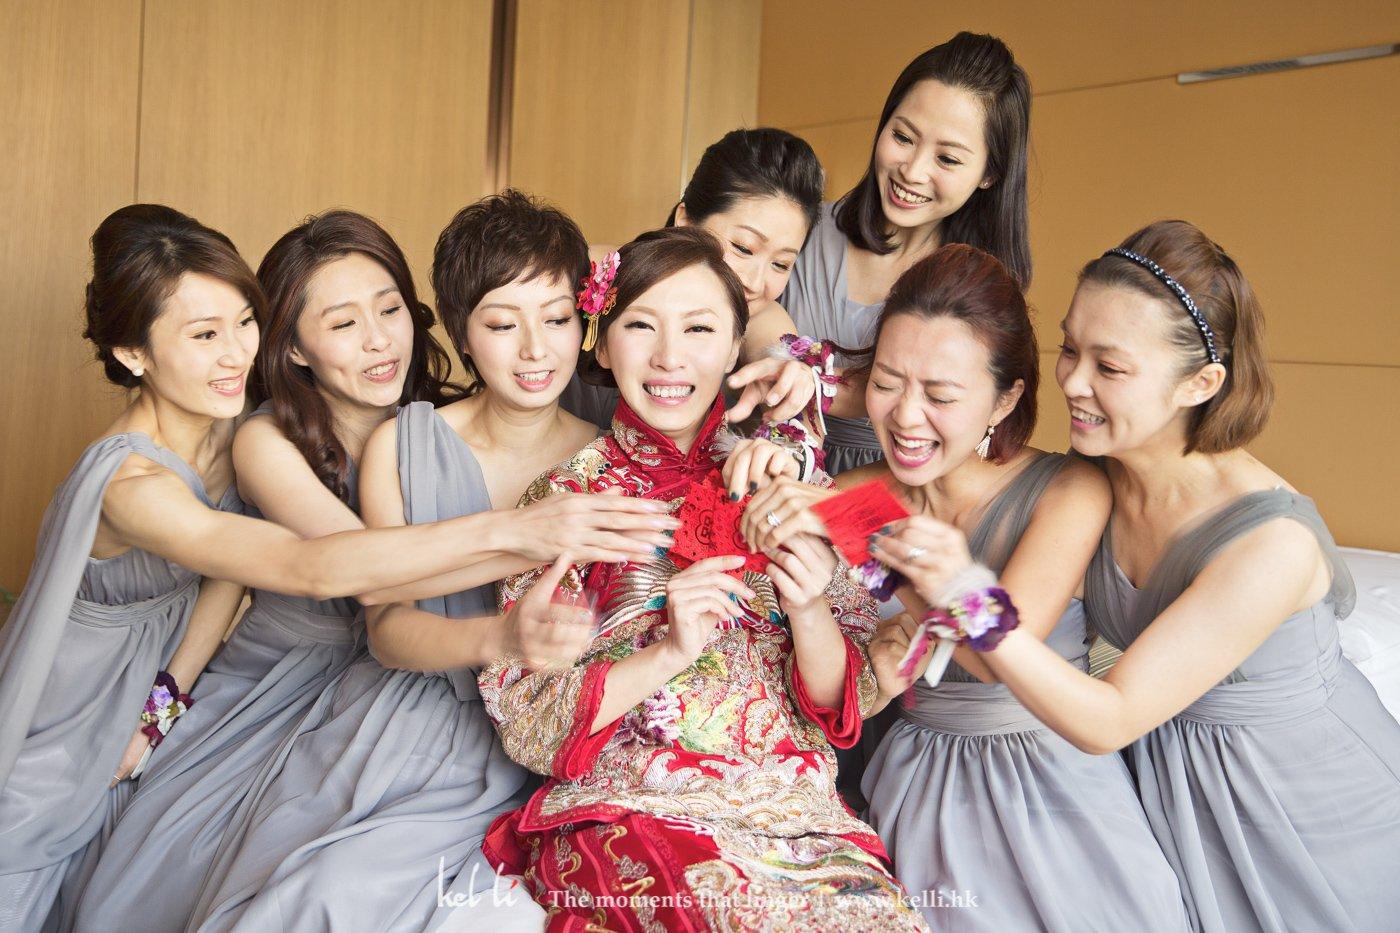 與一班姐妹的合照,婚禮就是要高興